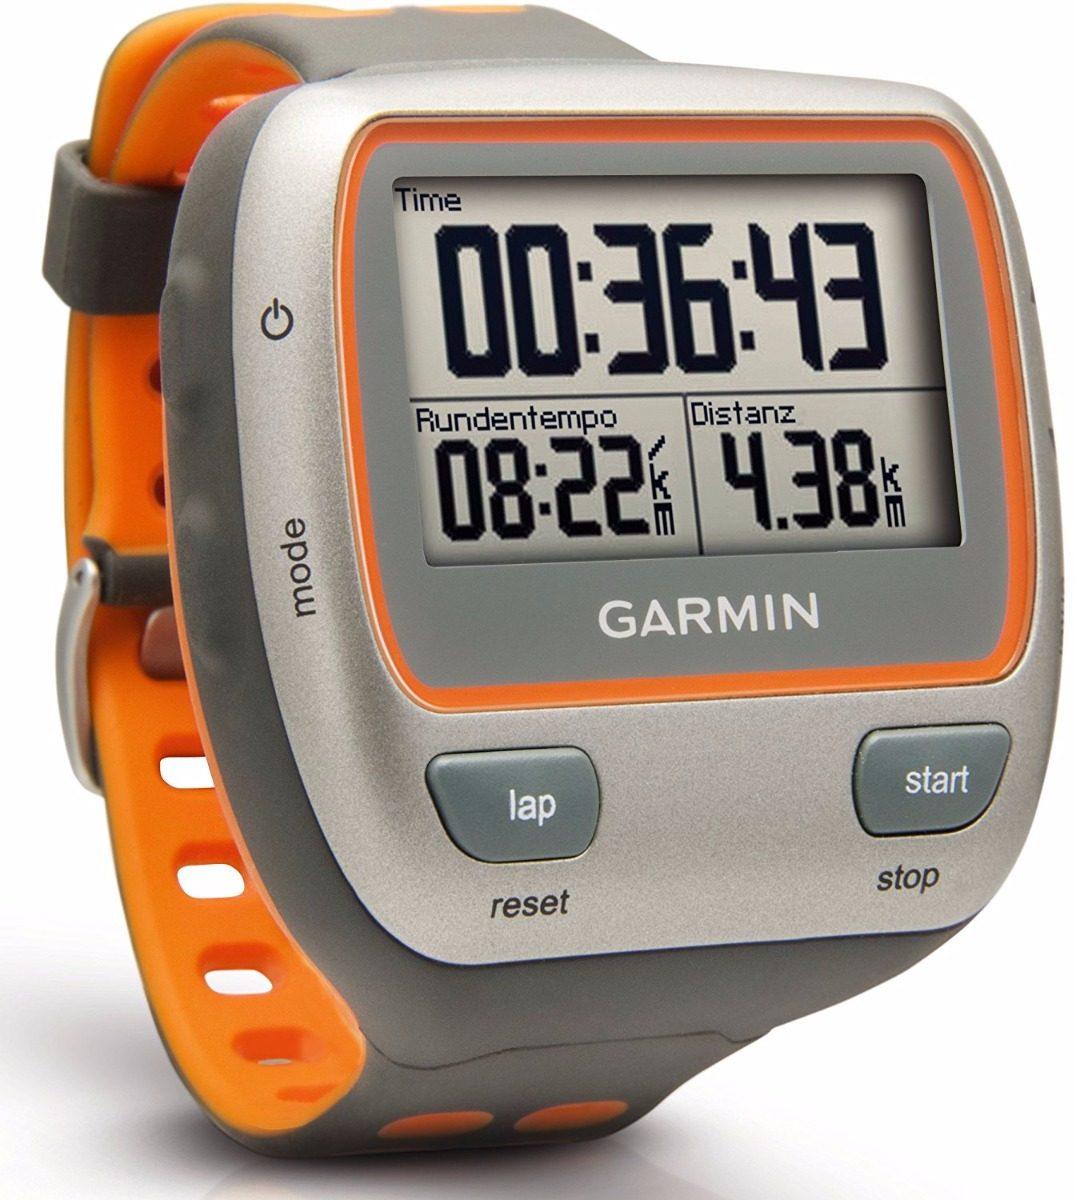 664e8058f83 Relógio Gps Garmin Forerunner 310xt Corrida Natação + Cinta - R  899 ...